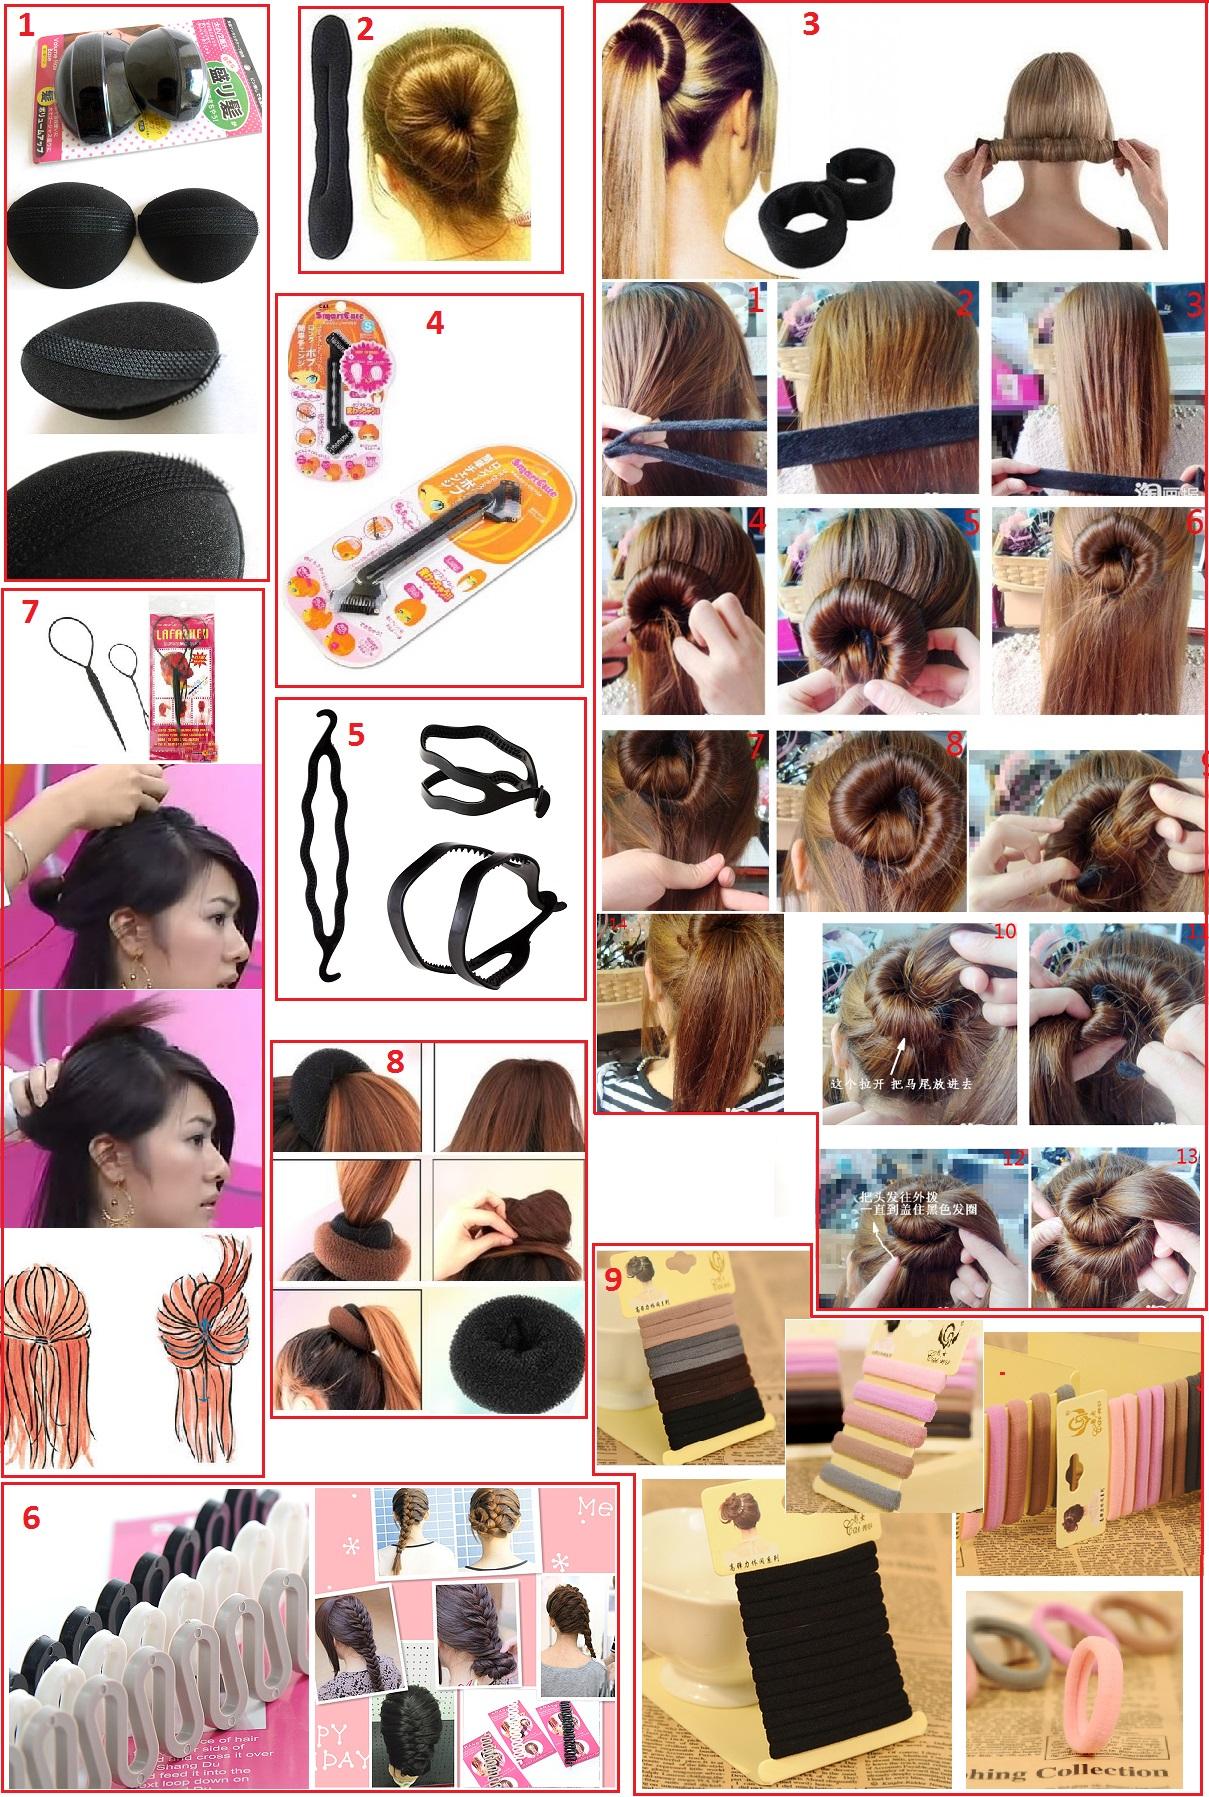 Петля для волос : 10 легких причесок с помощью петли (фото) 2